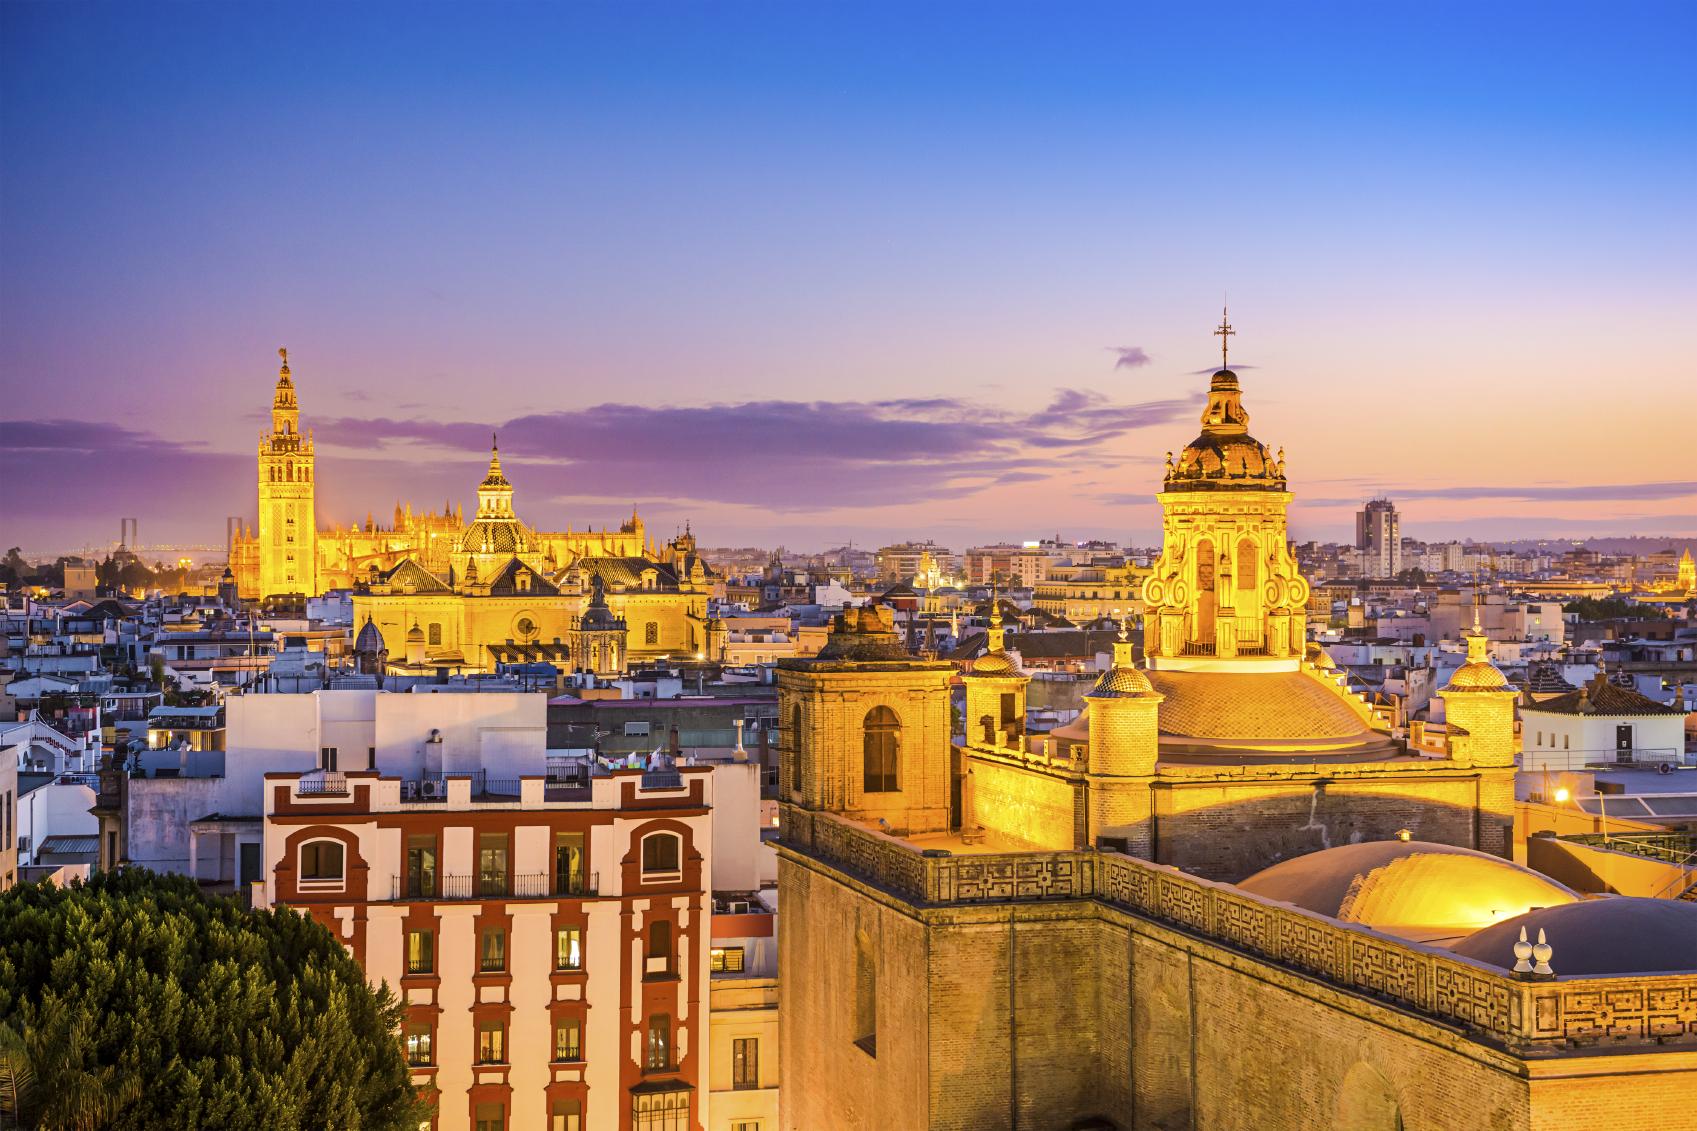 Seville at dusk (Getty Images)